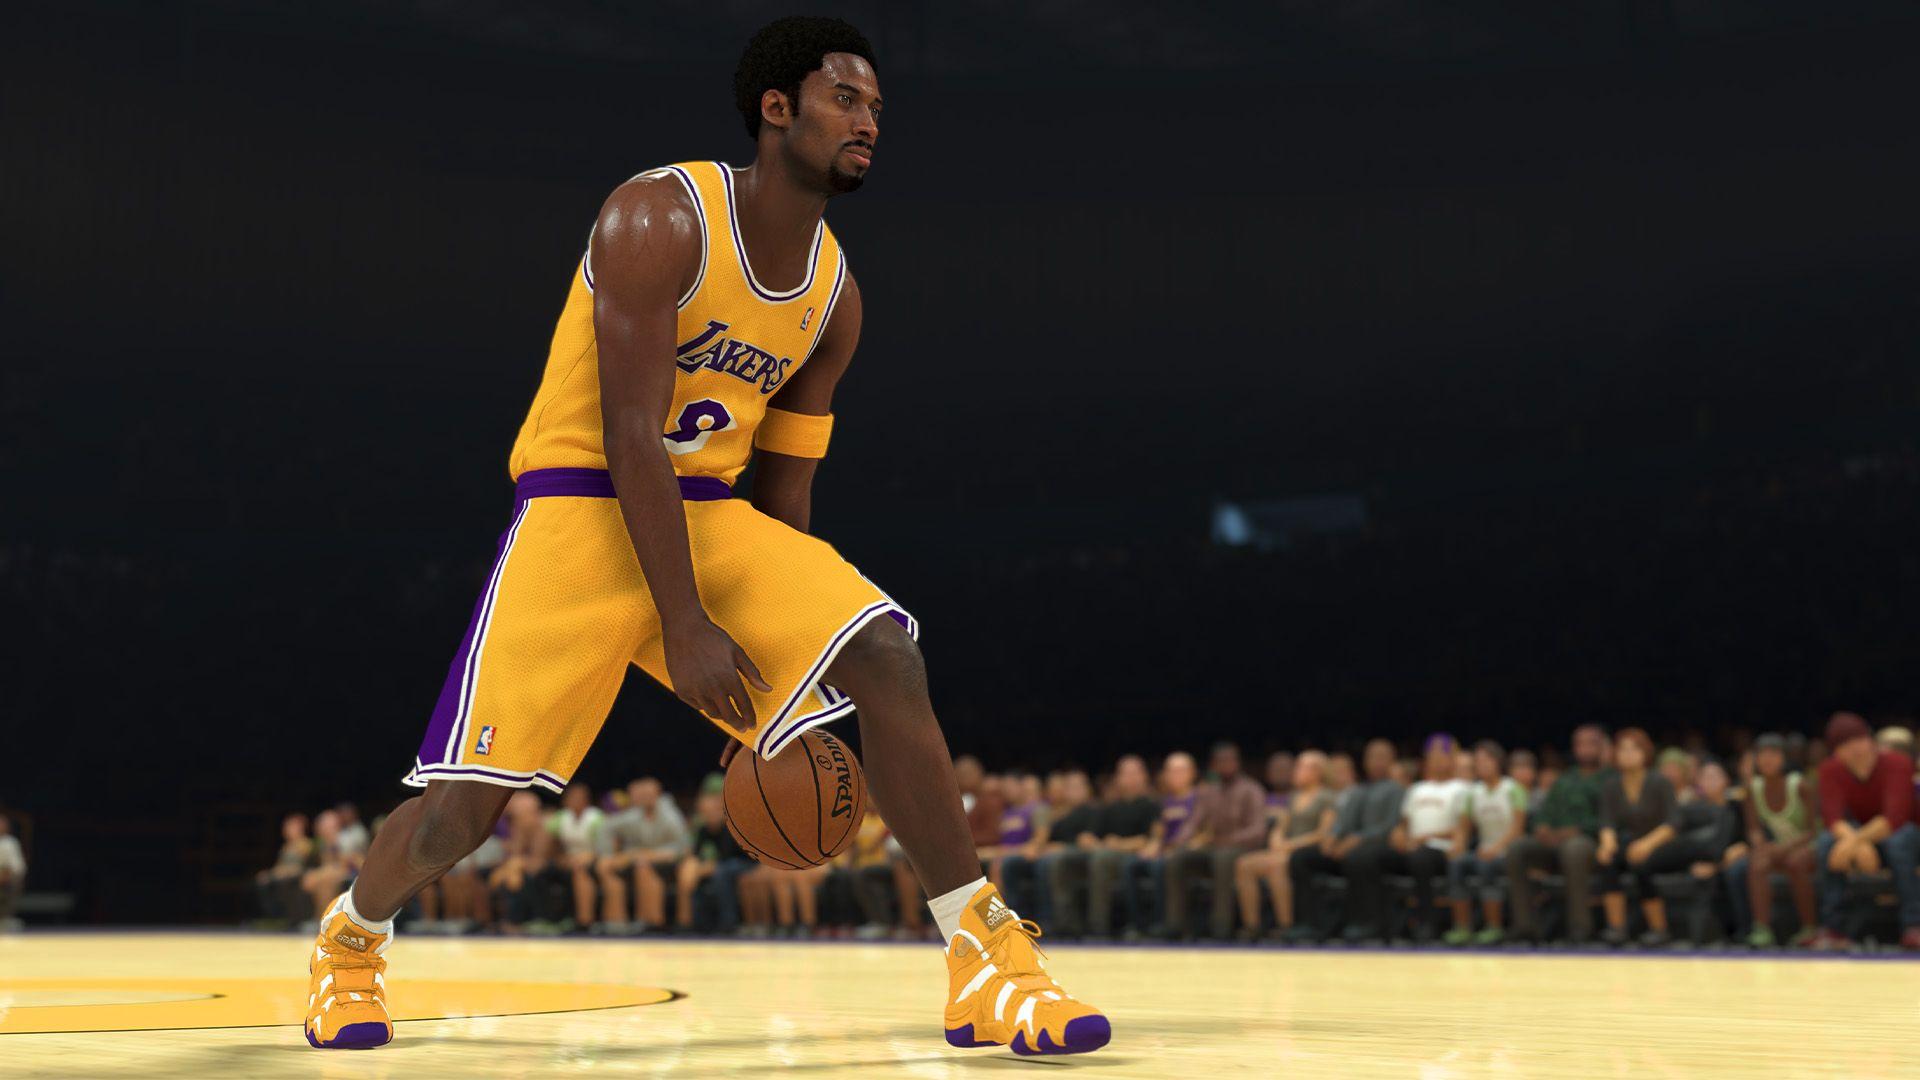 NBA 2K21 Basketball Action